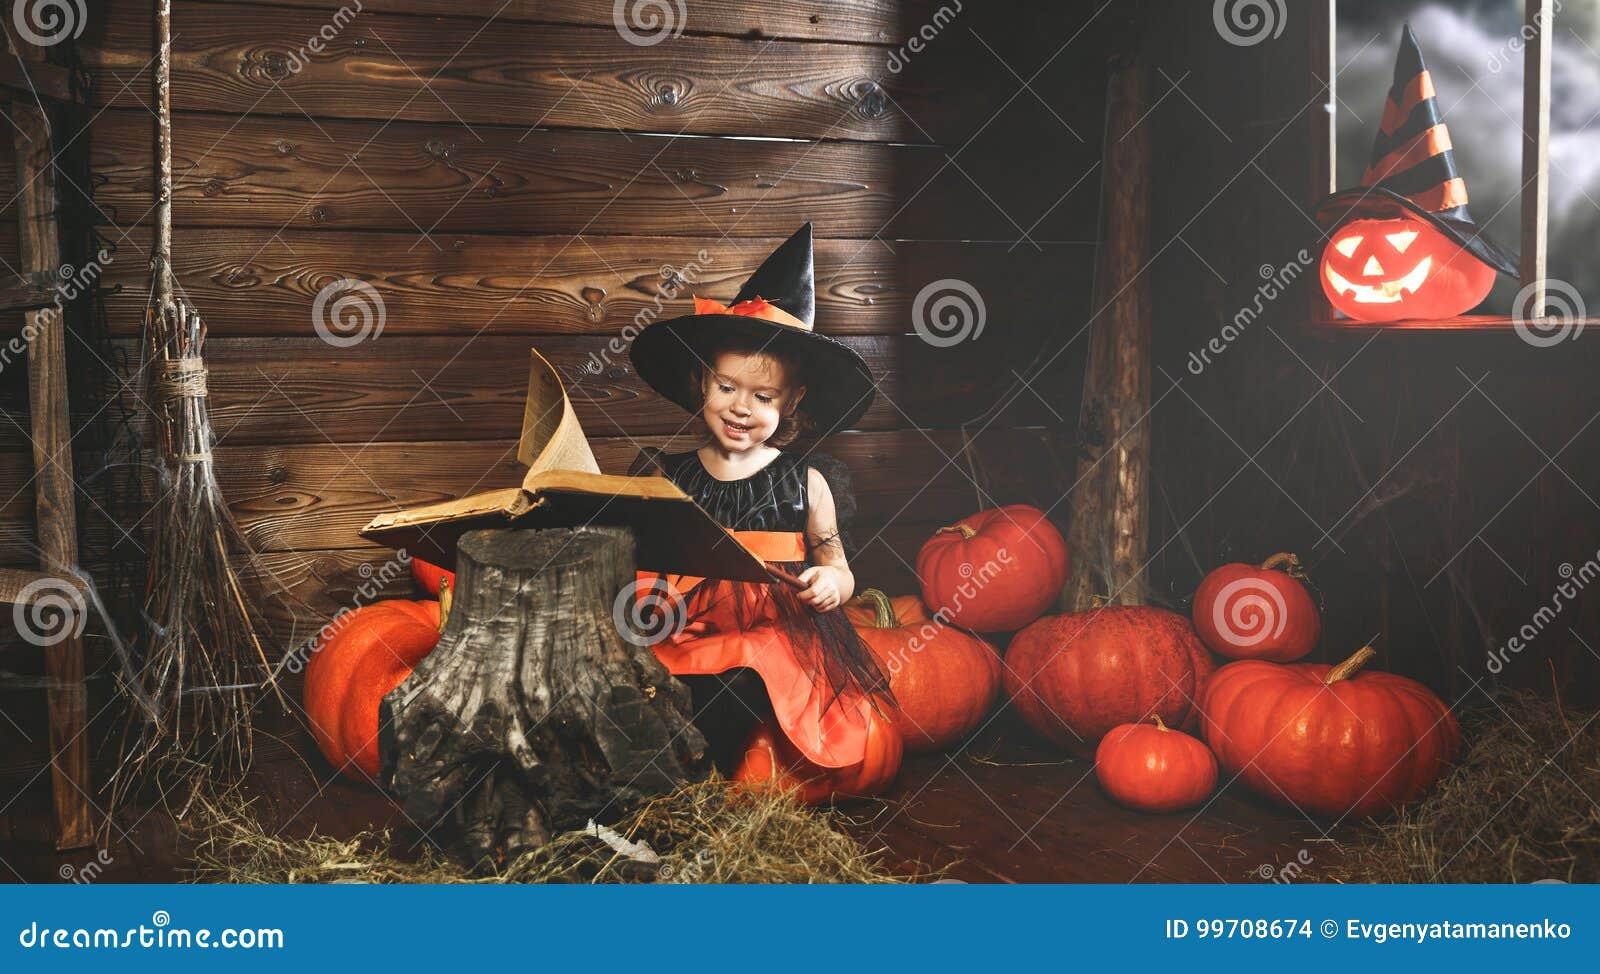 Veille de la toussaint l enfant de sorcière crée avec le livre des charmes, de la baguette magique magique et des potirons